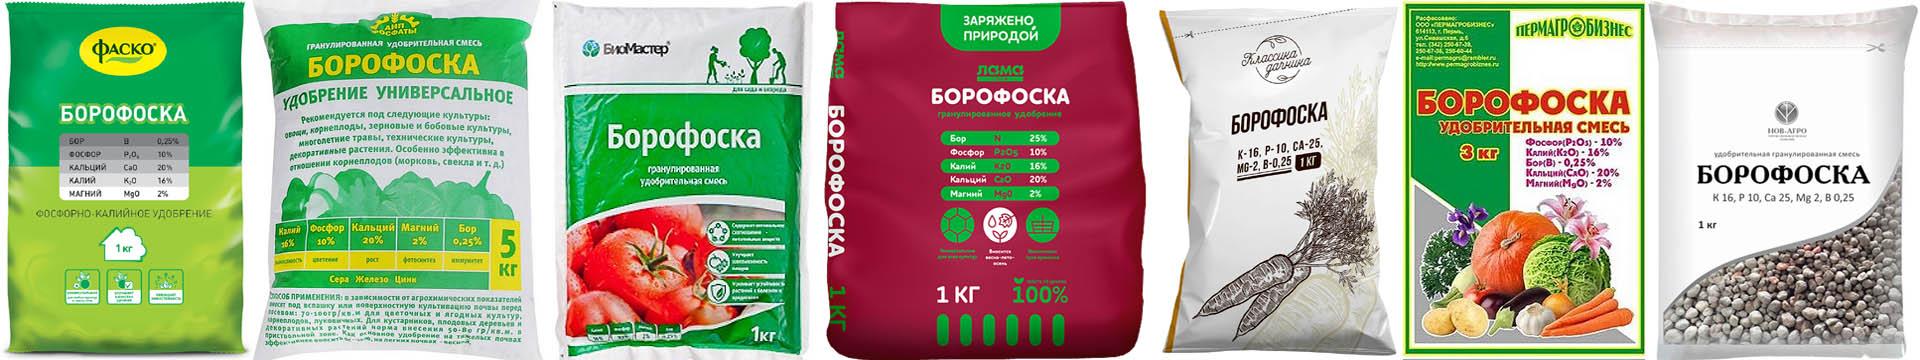 Удобрение Борофоска от различных производителей